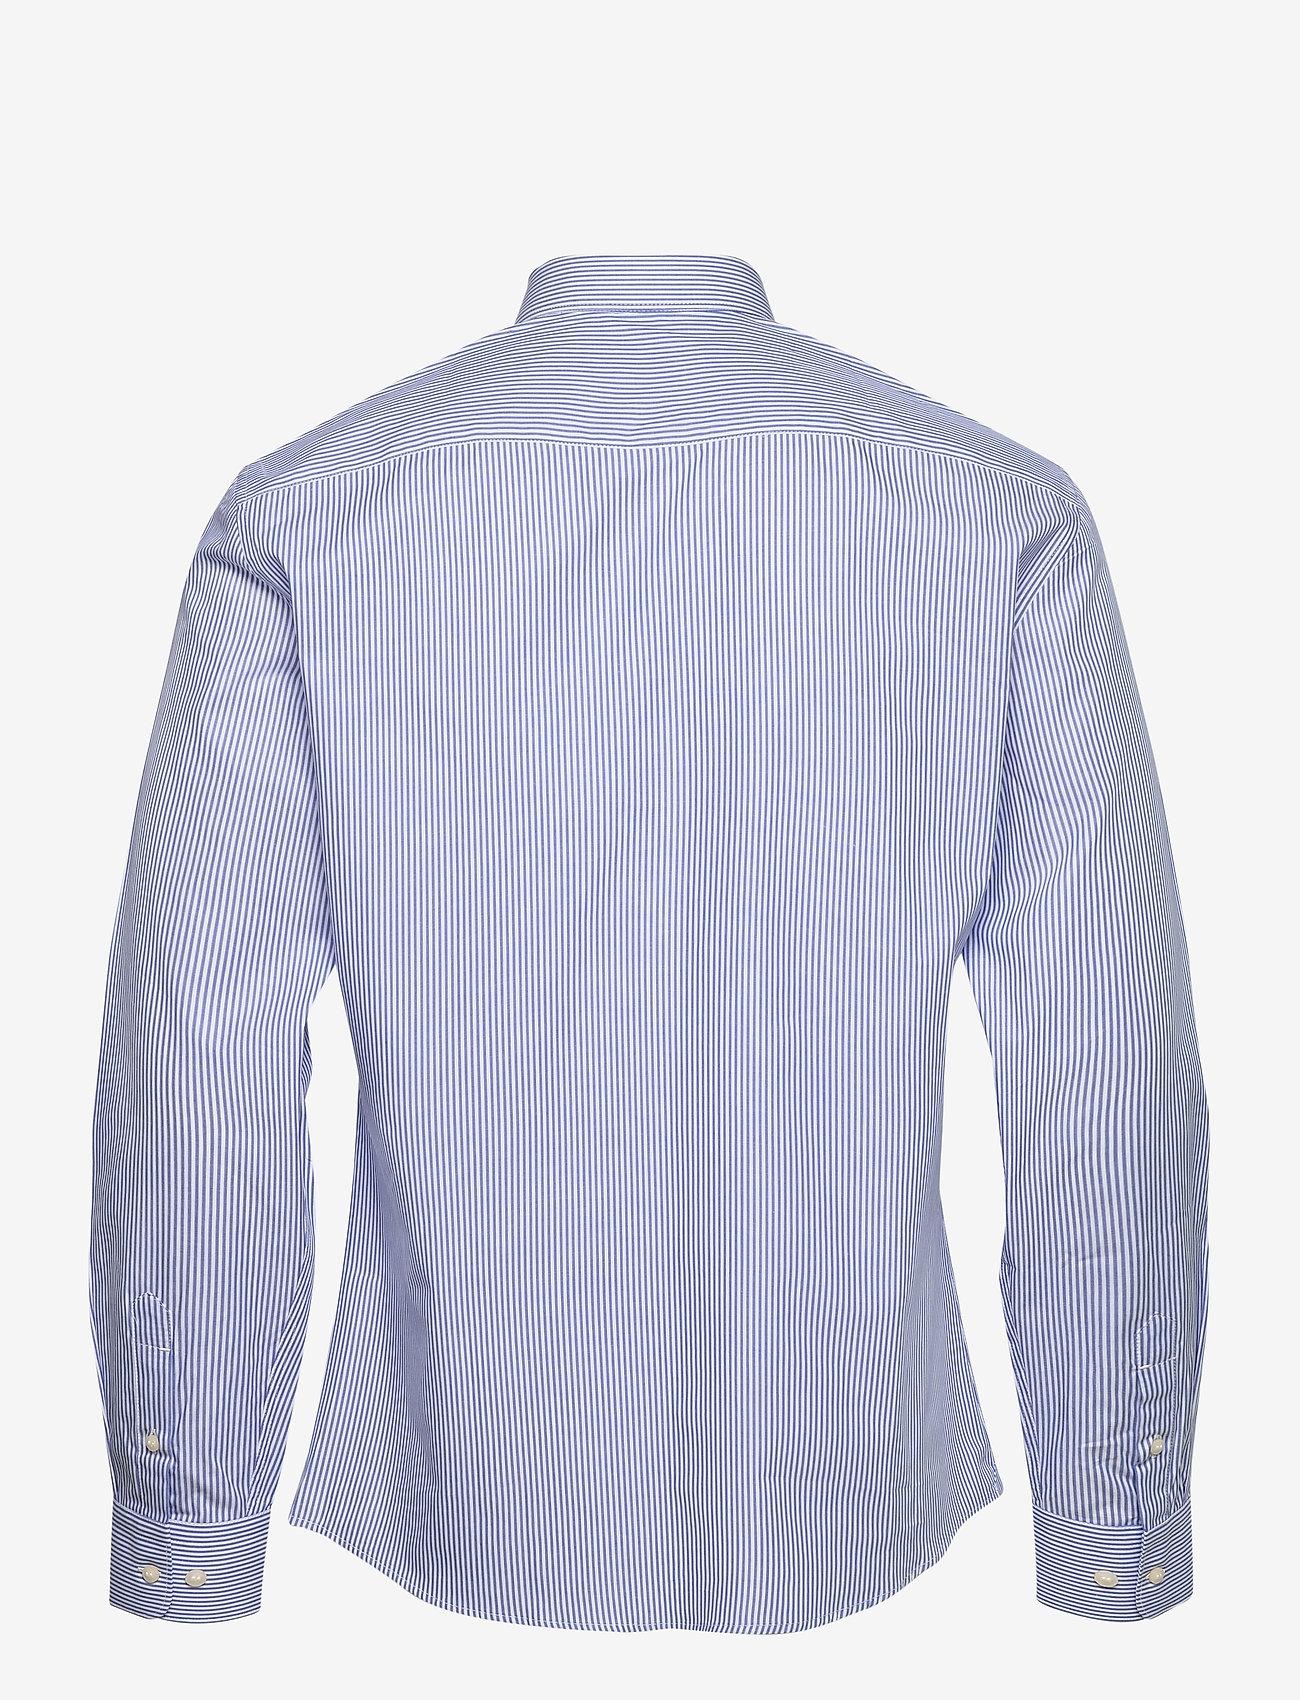 Tiger of Sweden - FENALD - businesskjorter - blue - 1